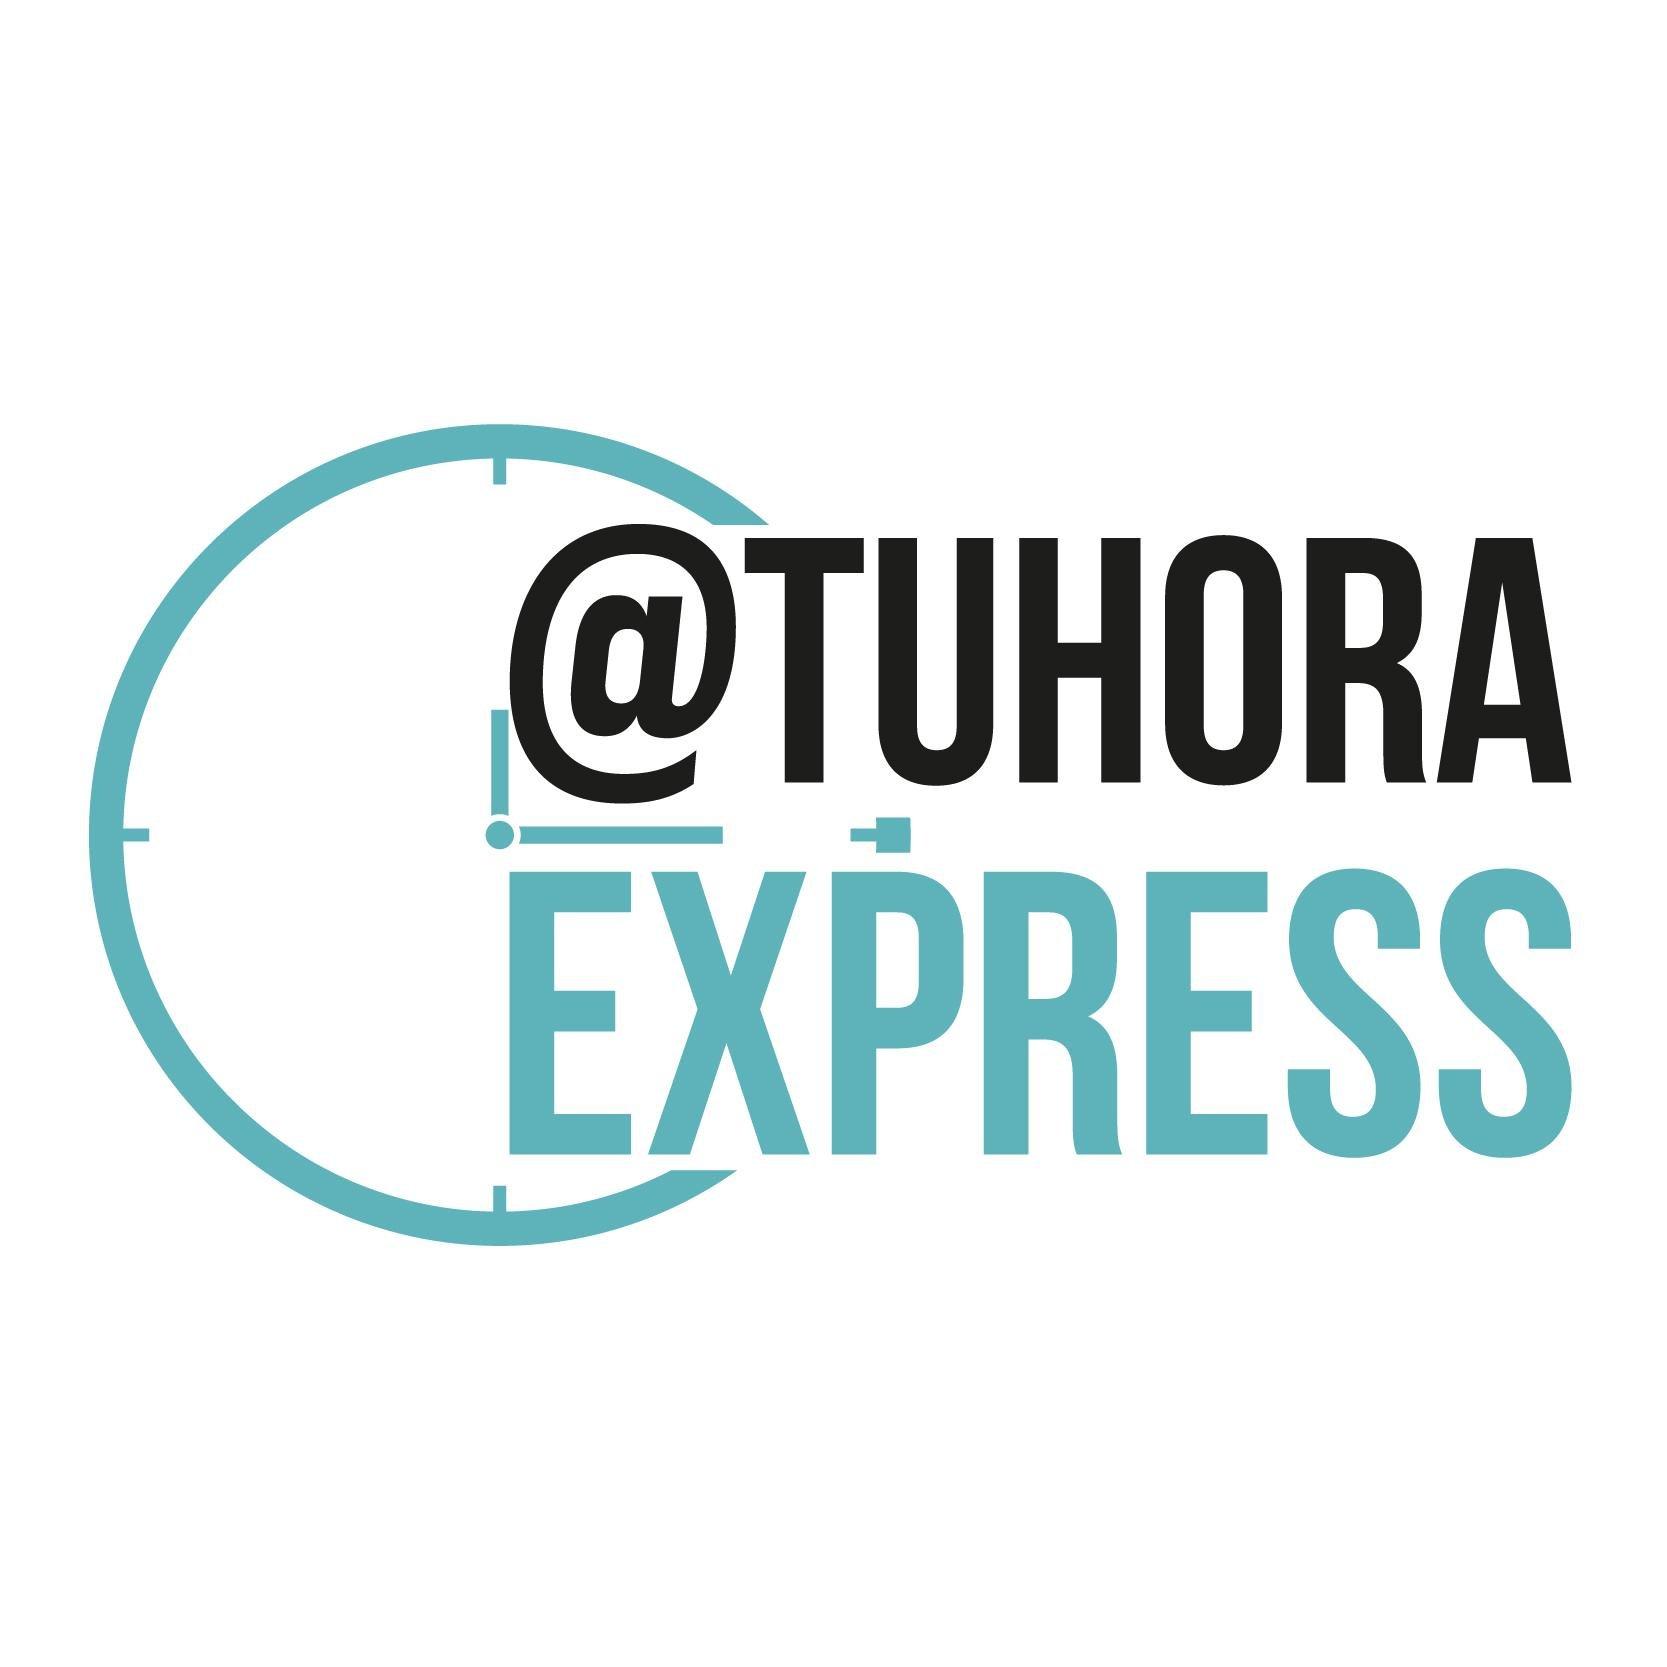 Atuhoraexpress